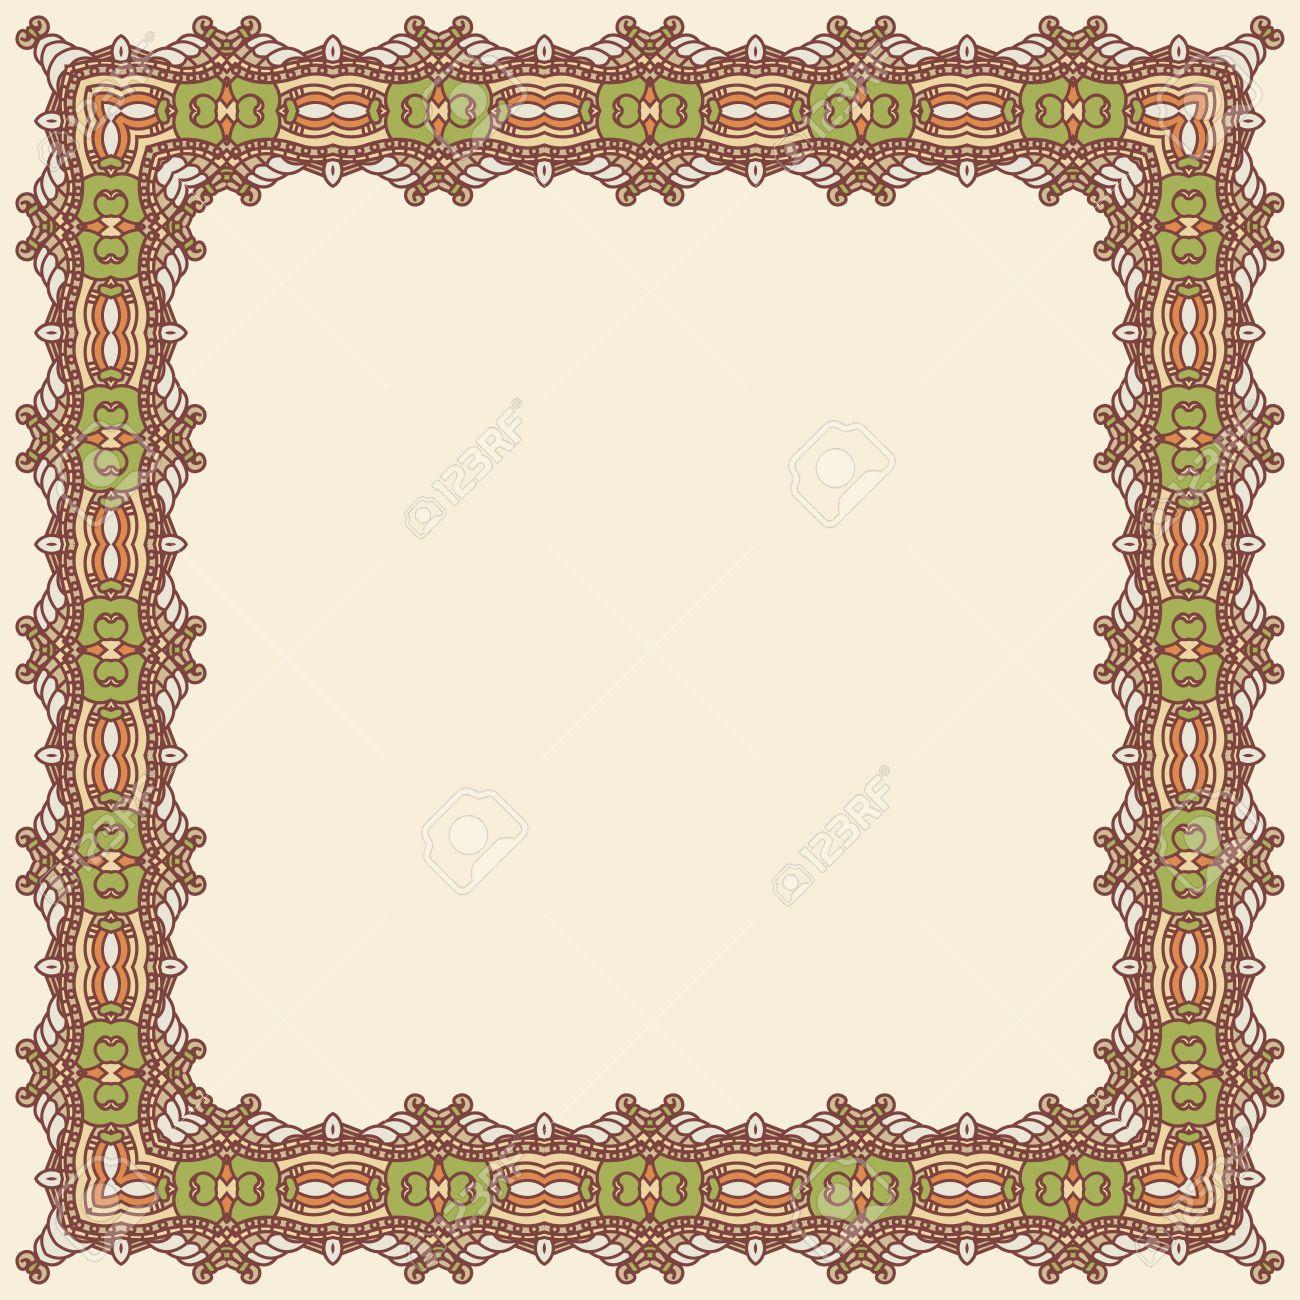 Abstract ornamental frame, elegant vintage label Stock Vector - 15736269